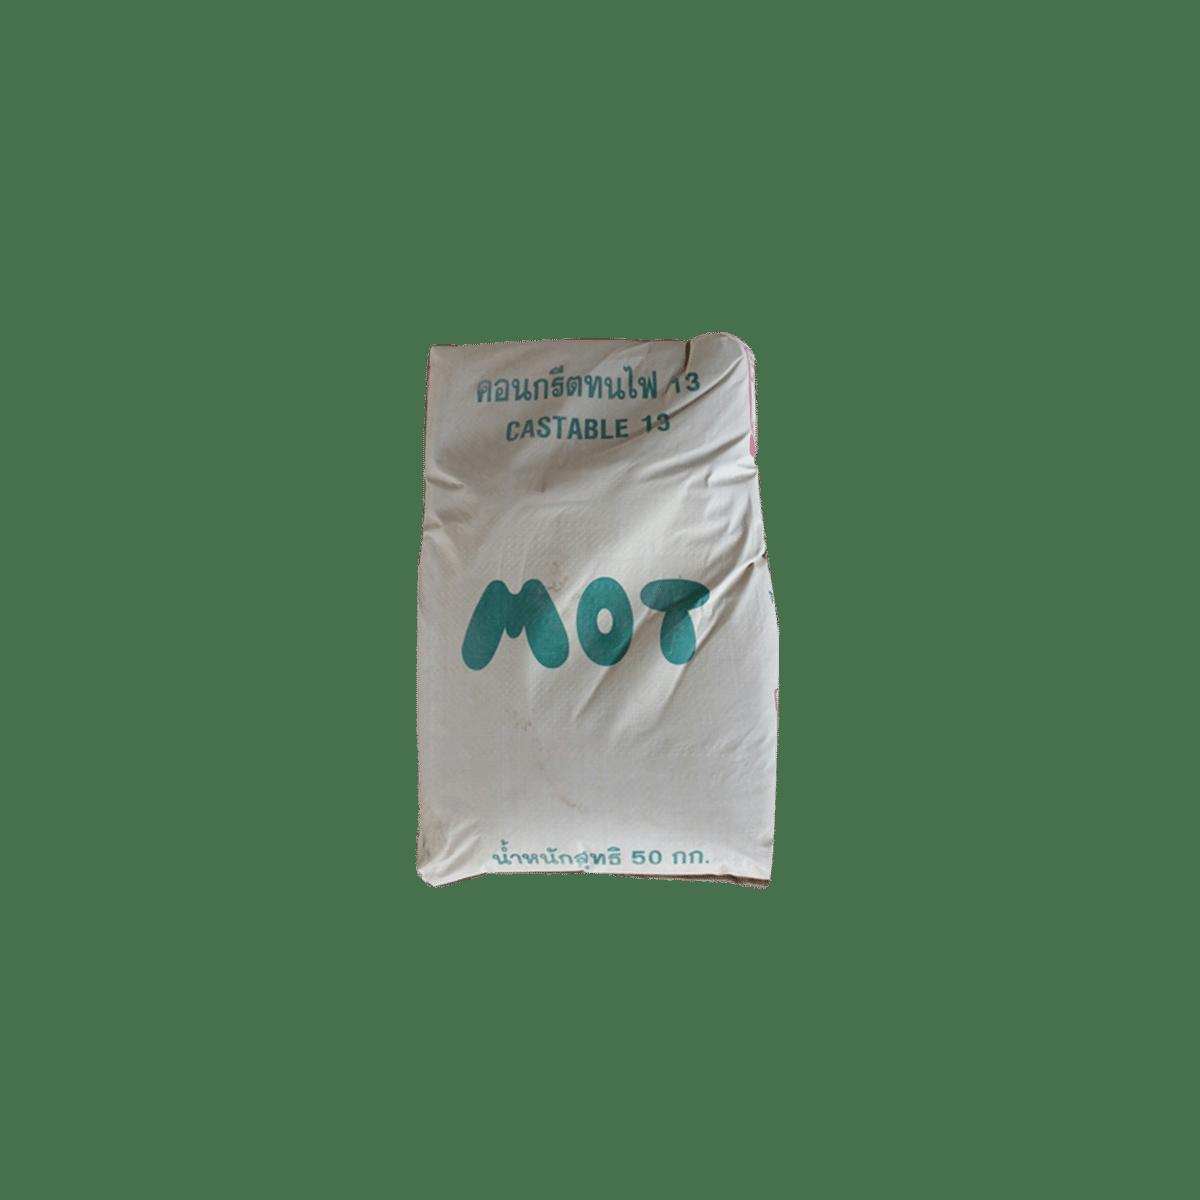 คอนกรีตทนไฟ MOT CAST 13